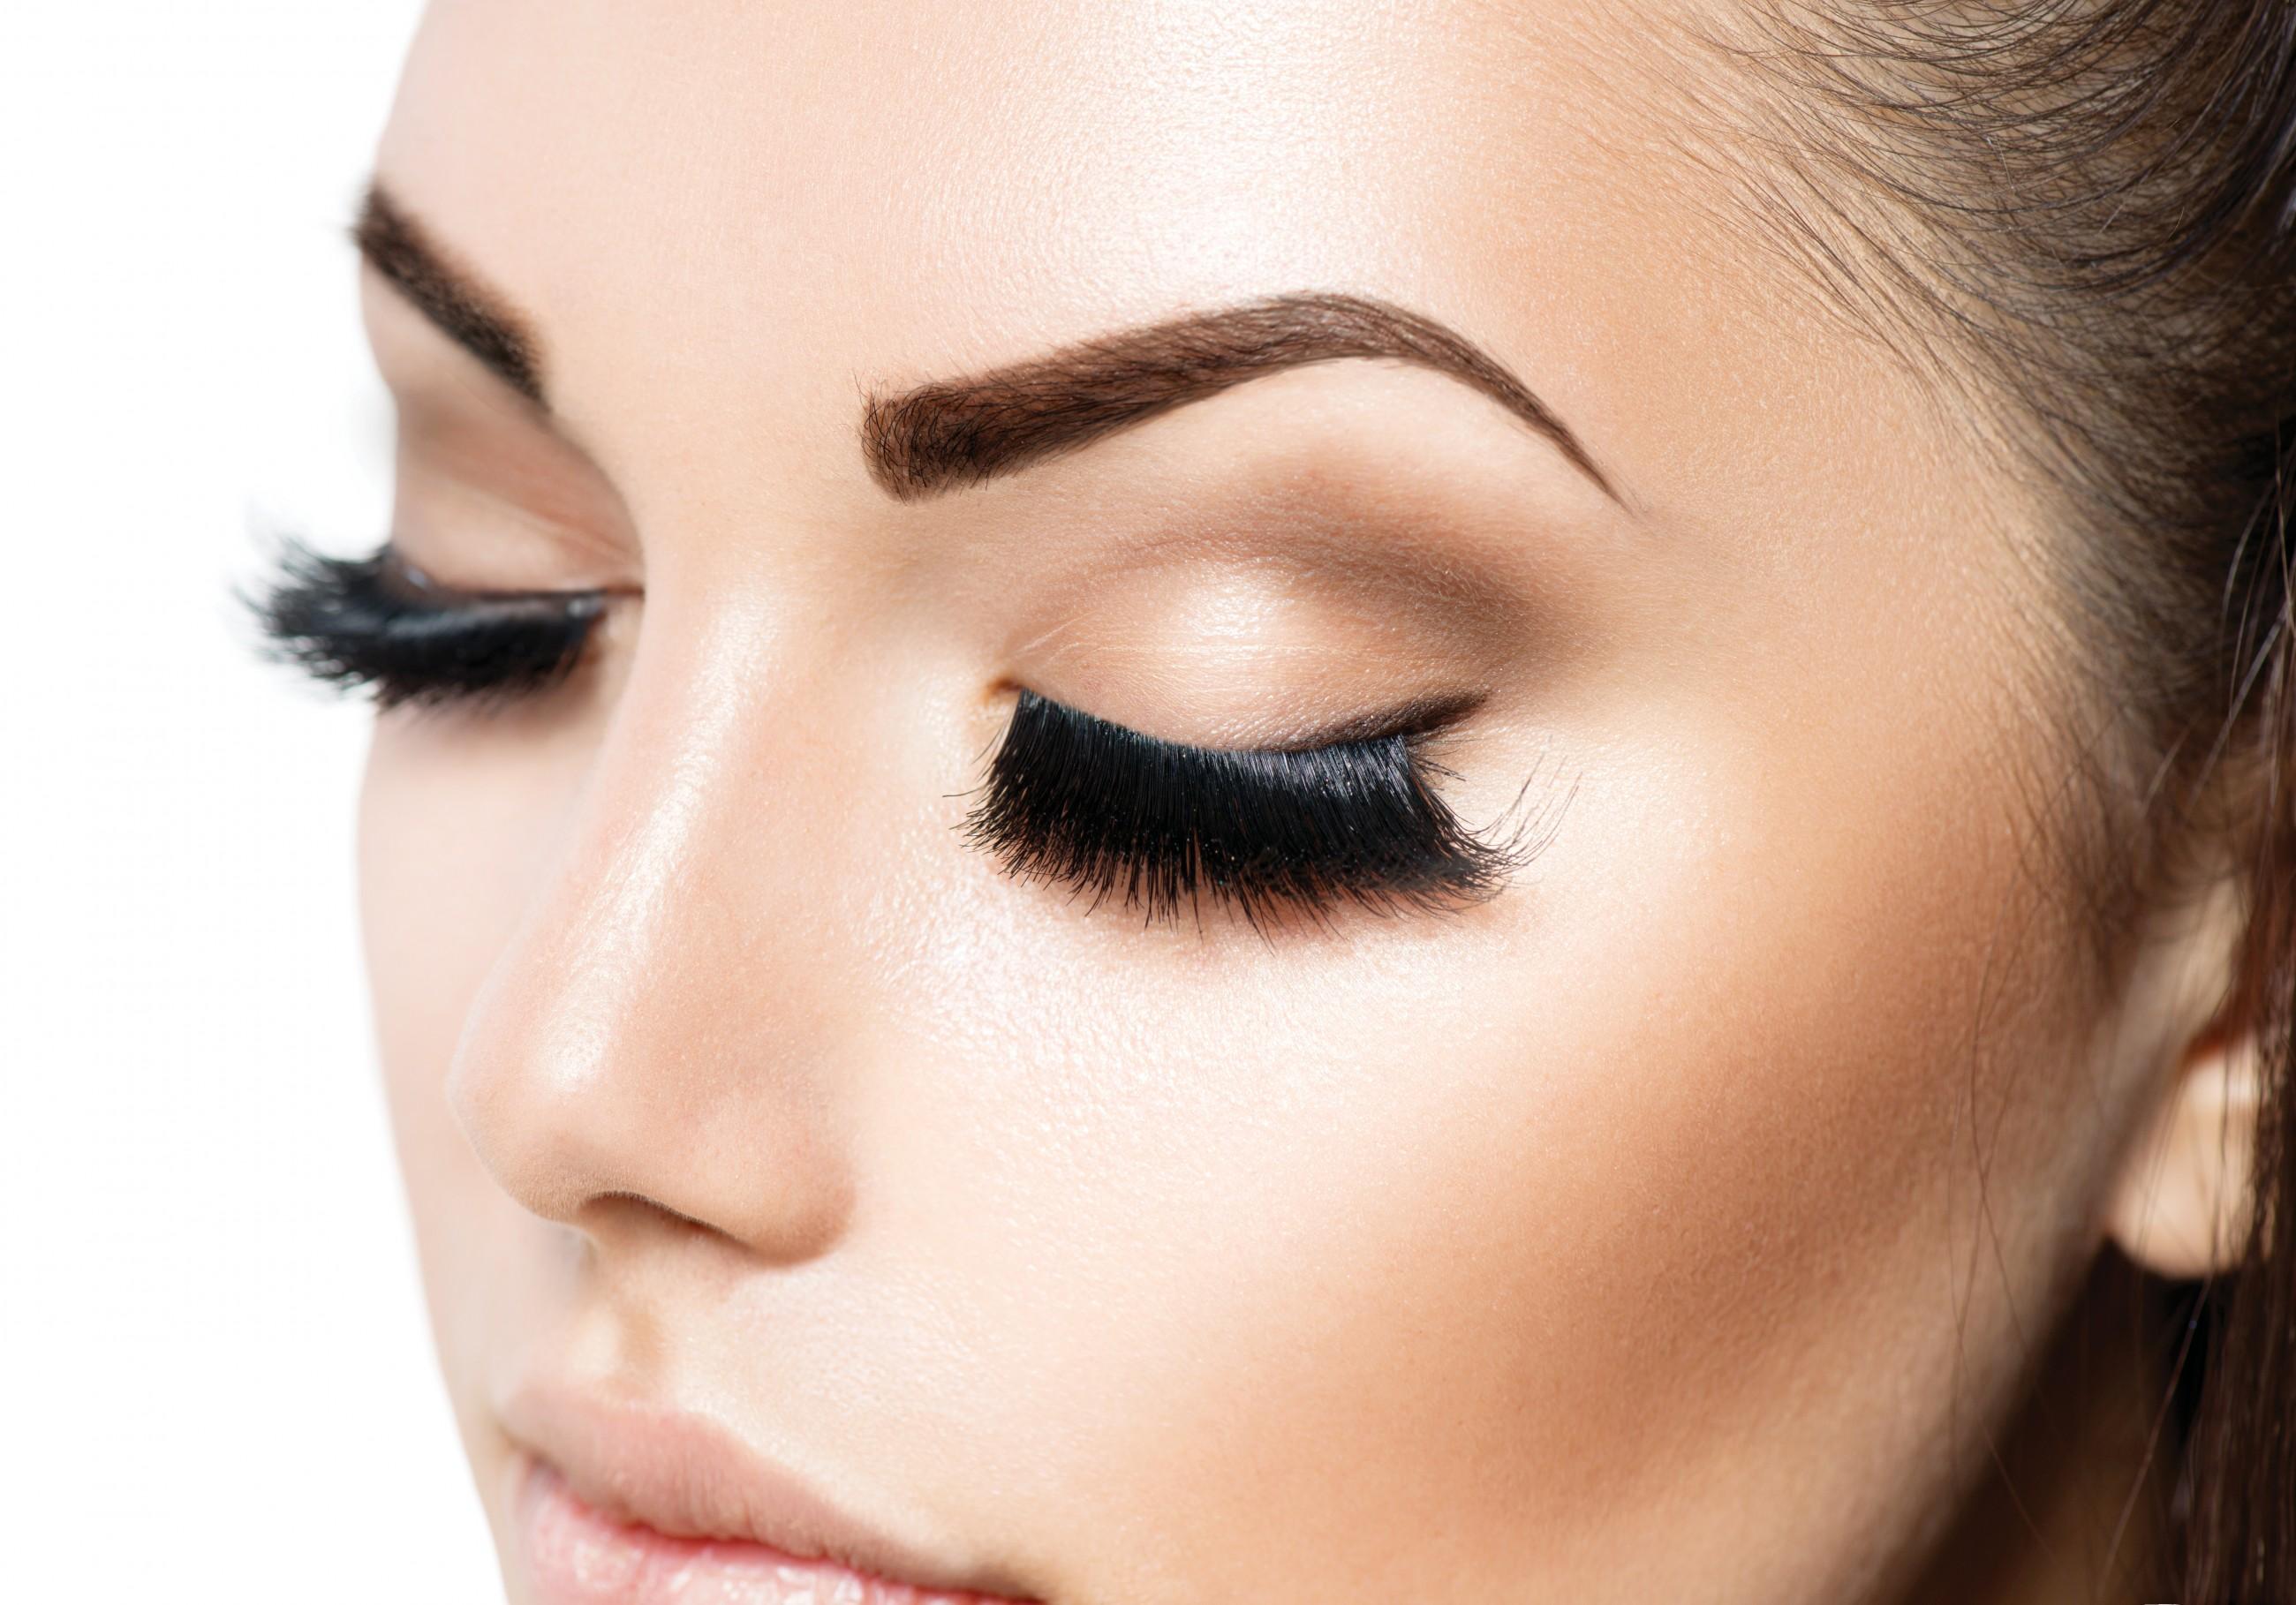 Beauty-face-makeup-Make-up-E-74237995-e1434644993567.jpg